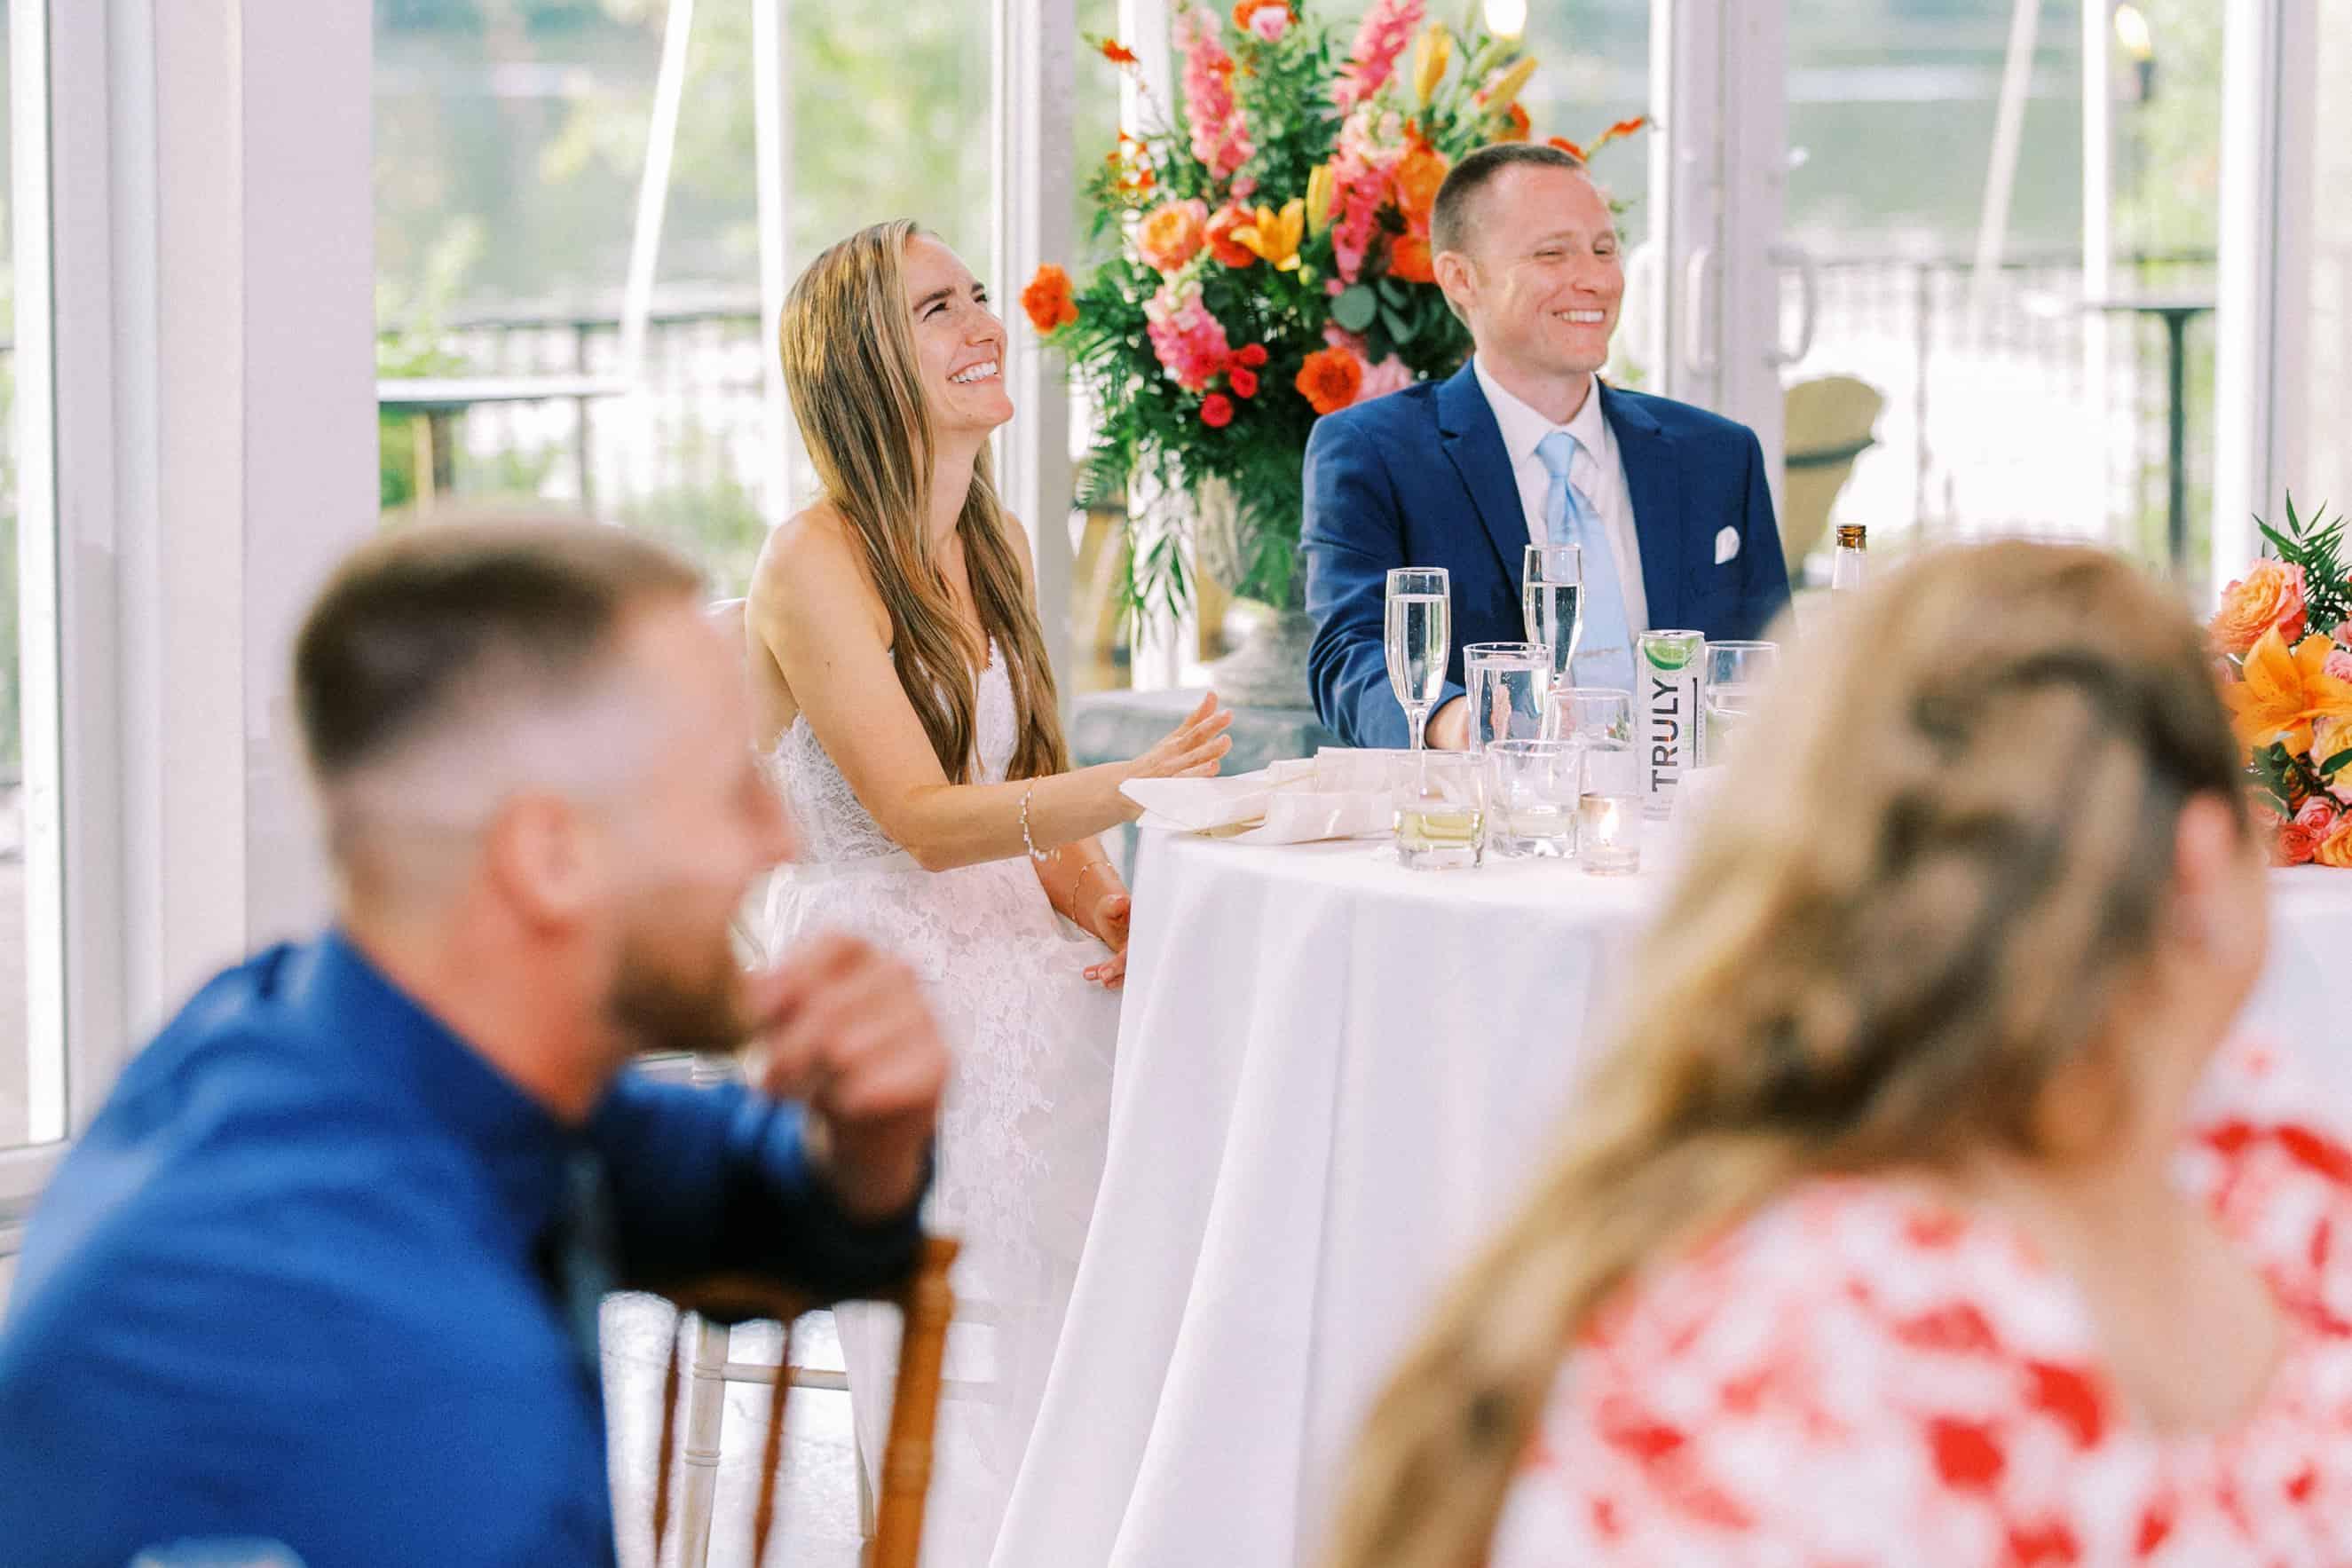 Wedding Reception Venues Bucks County